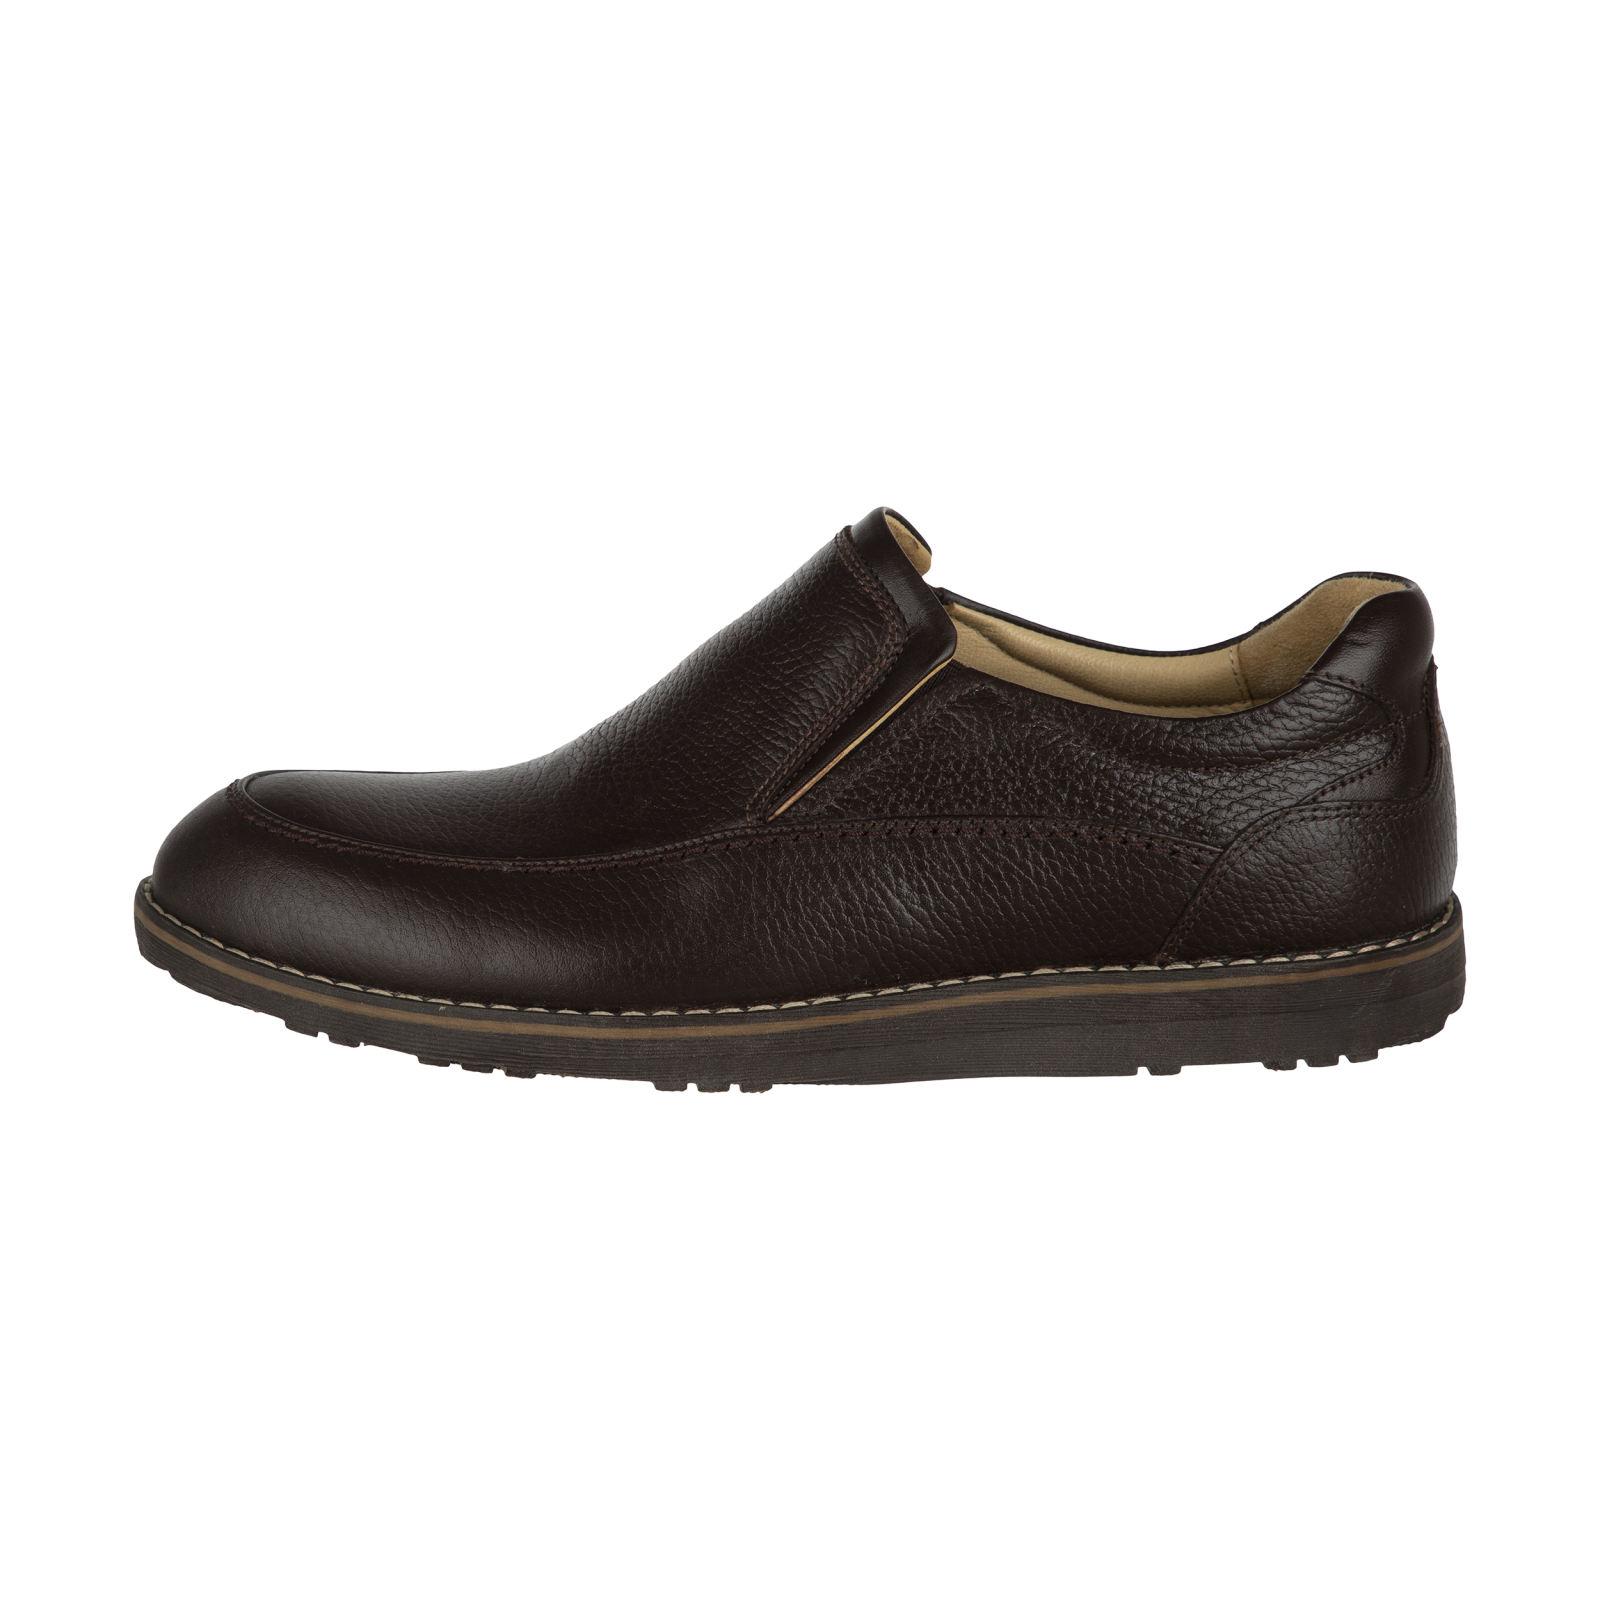 کفش روزمره مردانه سوته مدل 4824G503104 -  - 2